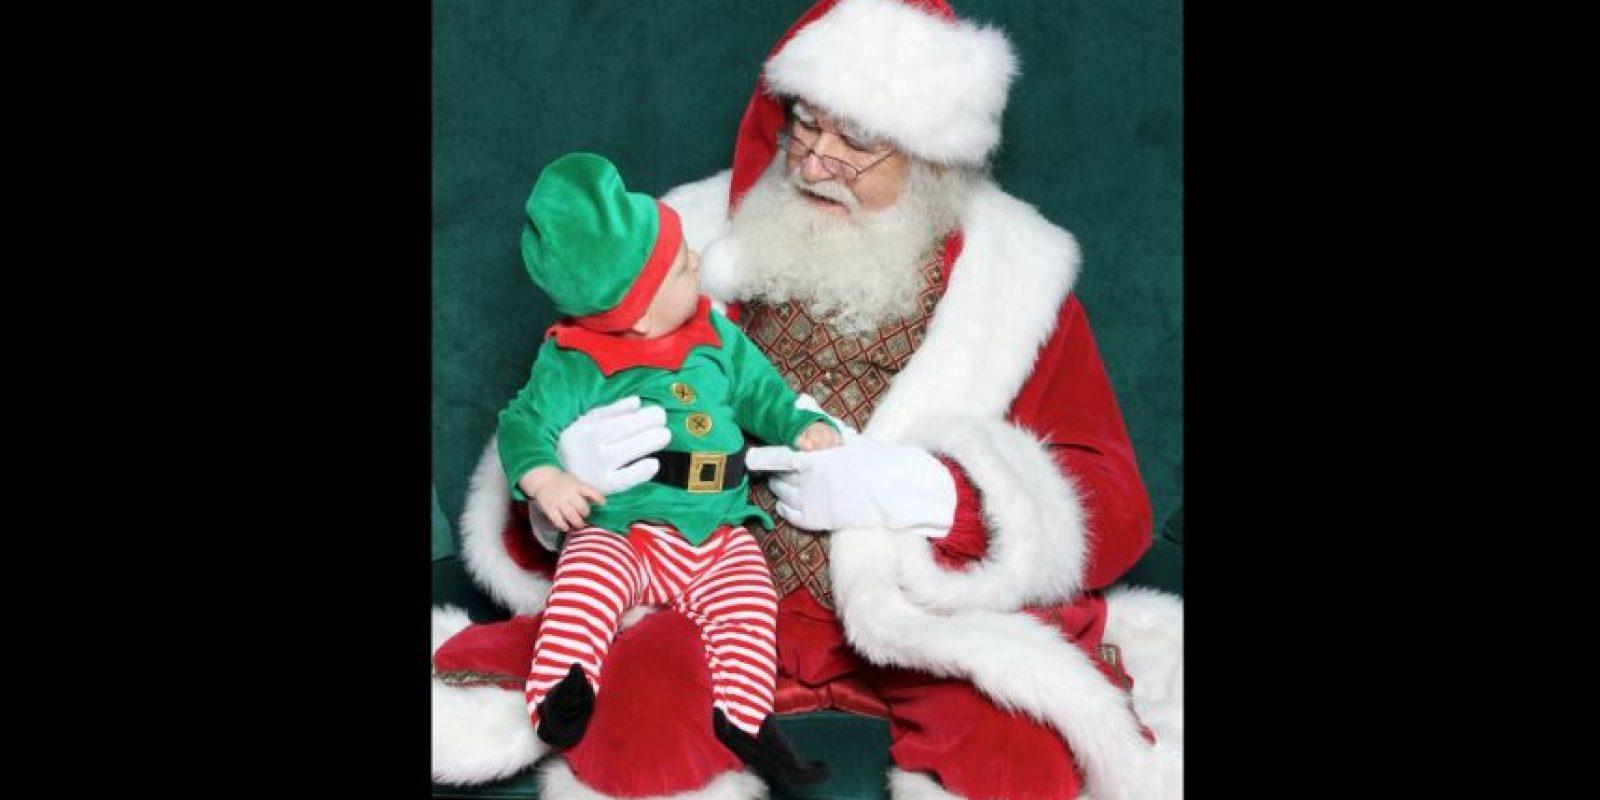 La empresa se encarga de preparar lo mejor posible a estos Santas, con el objetivo de dar la mejor experiencia a los niños. Foto:Vía facebook.com/noerrprograms